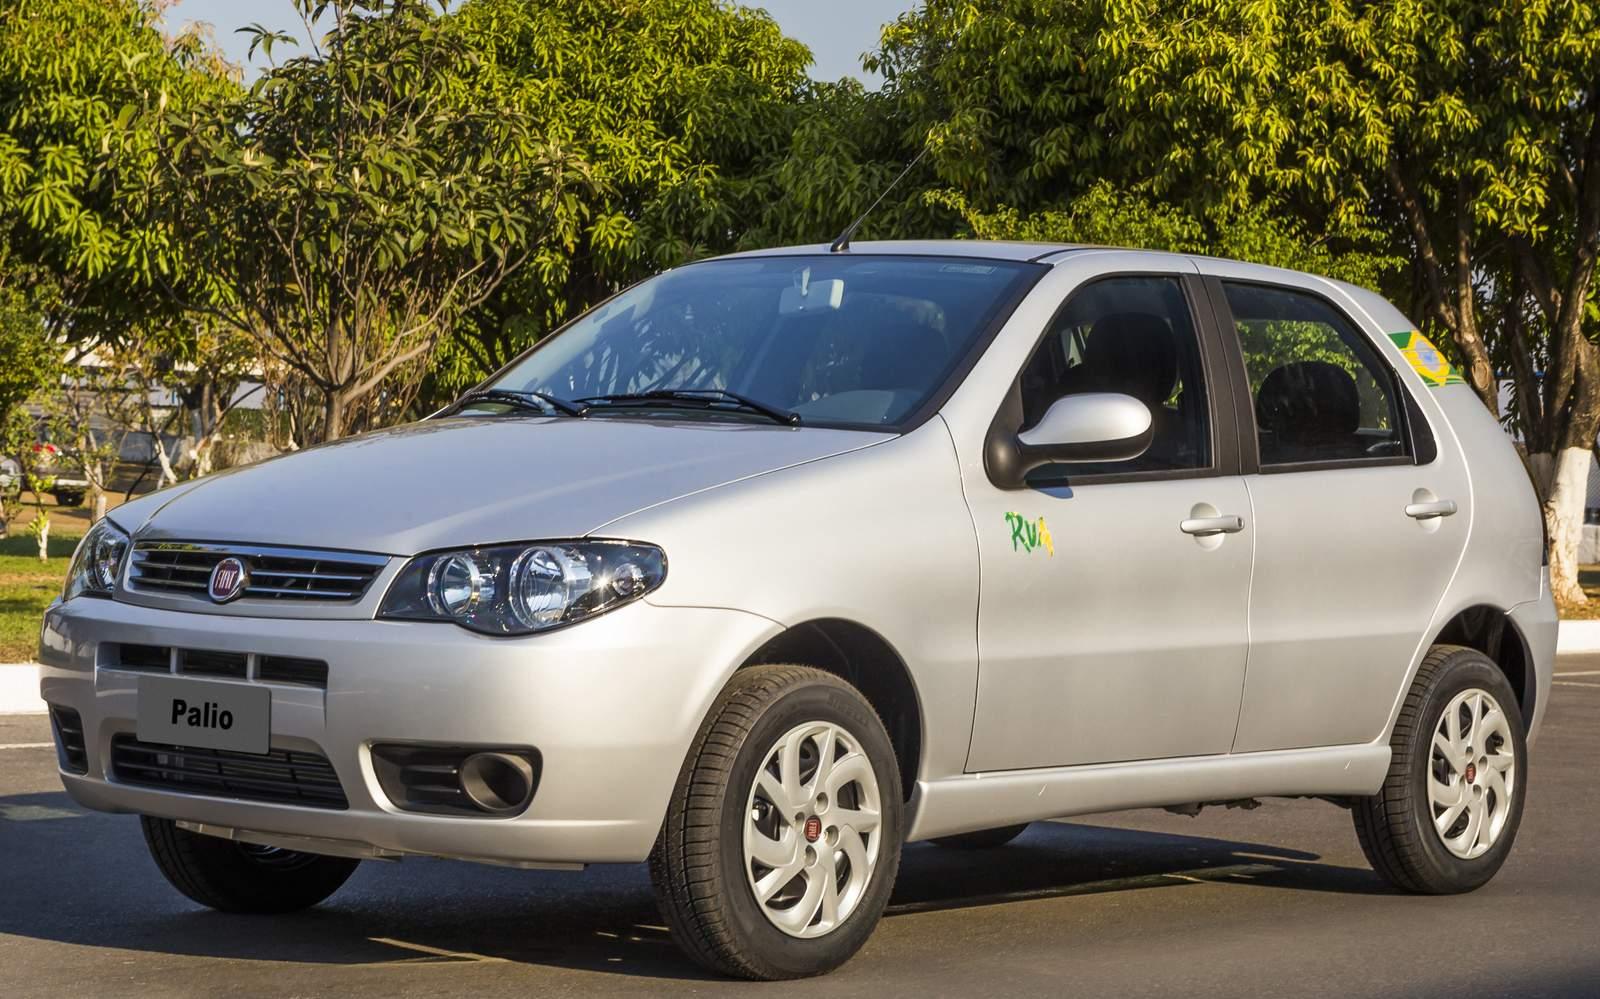 Fiat Palio + Novo Palio - líder de vendas no Brasil